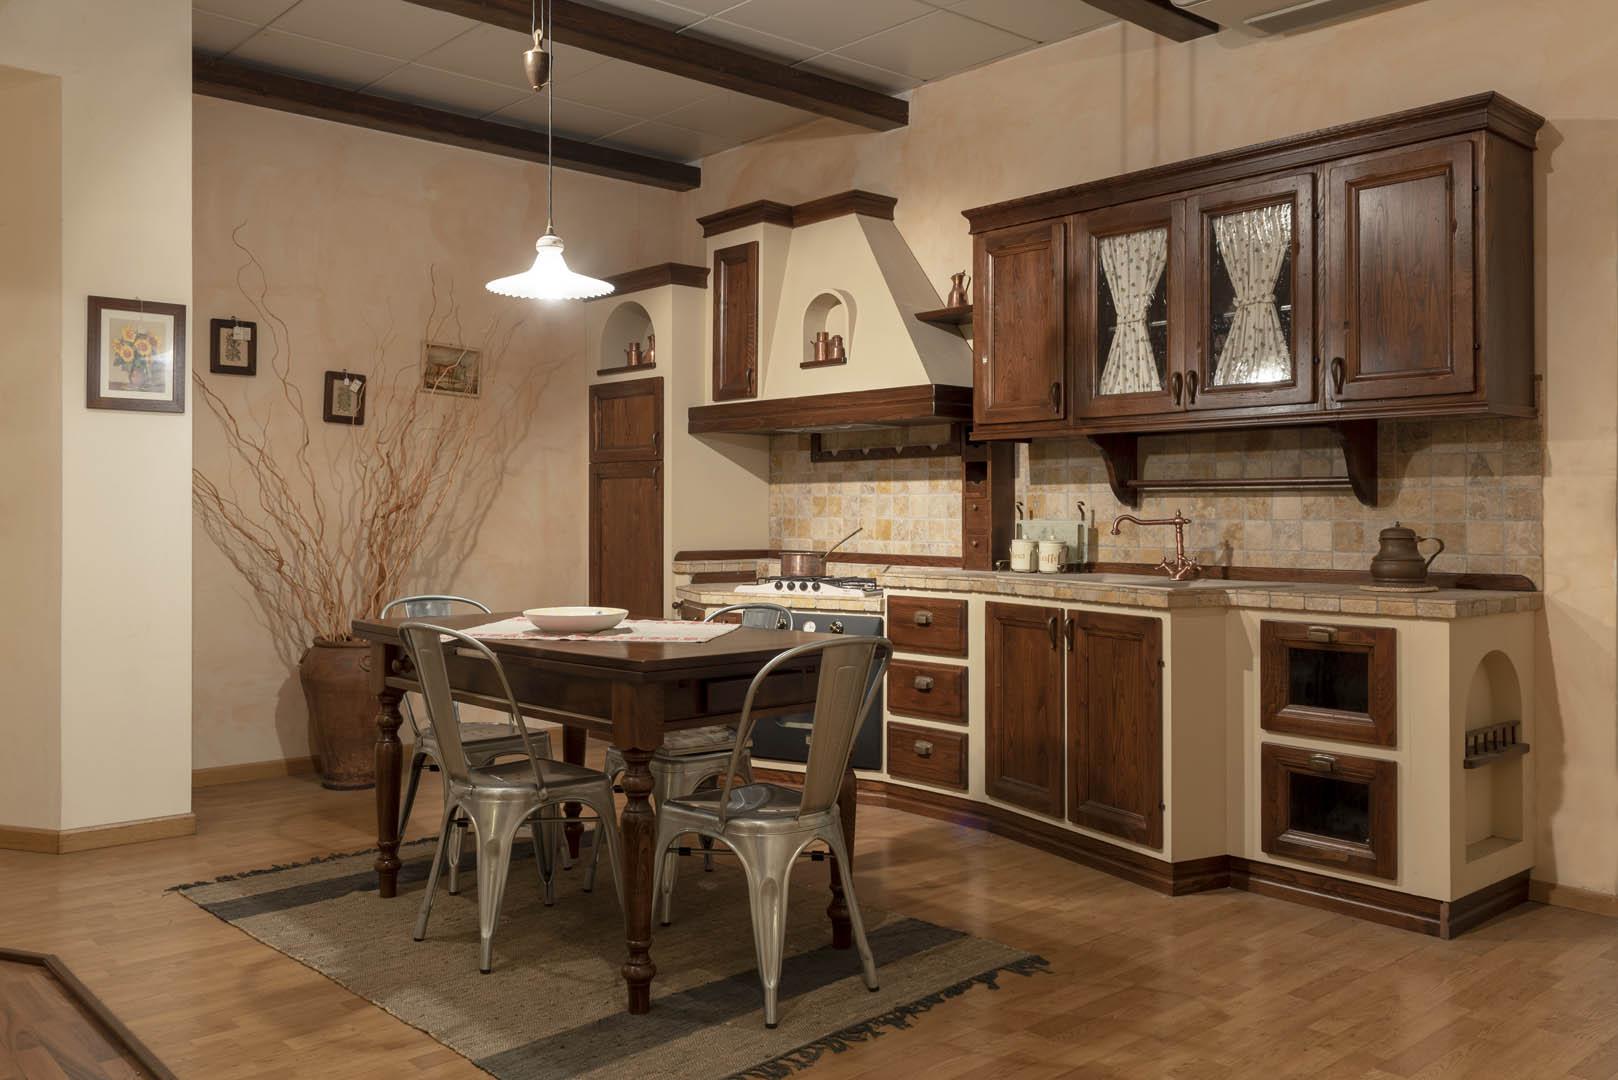 Cucina Borgo Antico - Luci e Cose